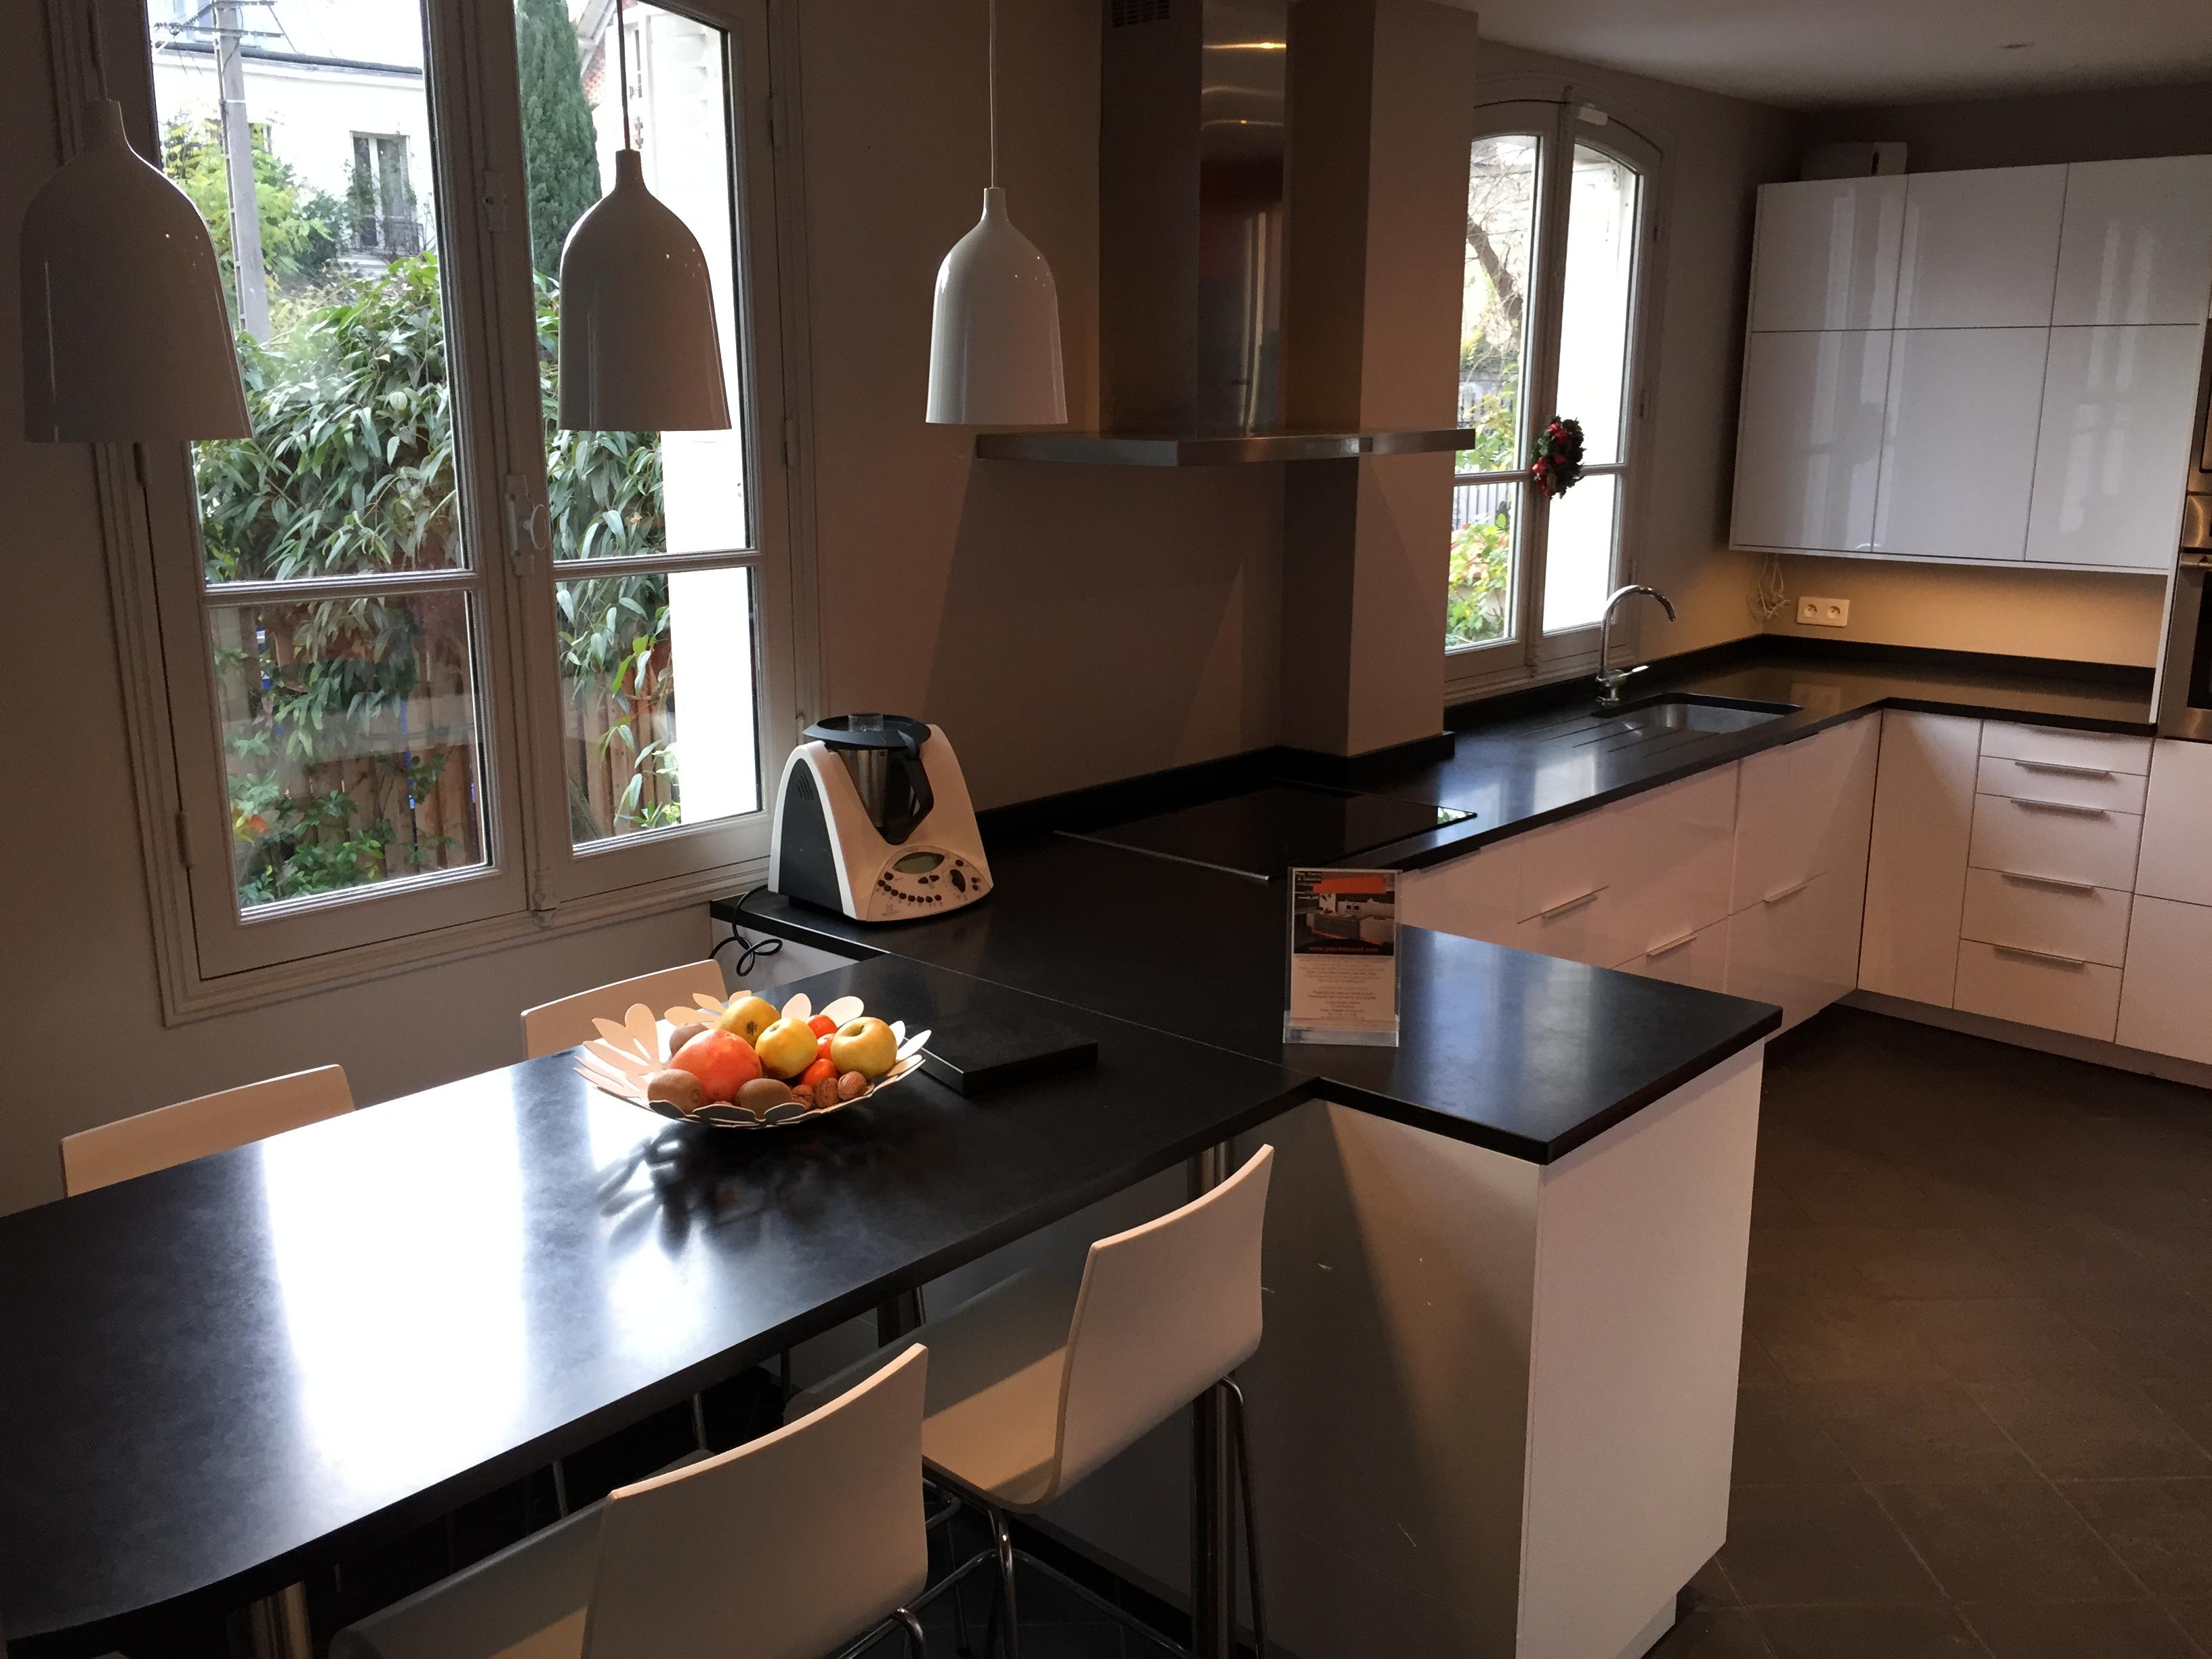 plan de travail granit quartz table en mabre paris essonne plans de travail en. Black Bedroom Furniture Sets. Home Design Ideas